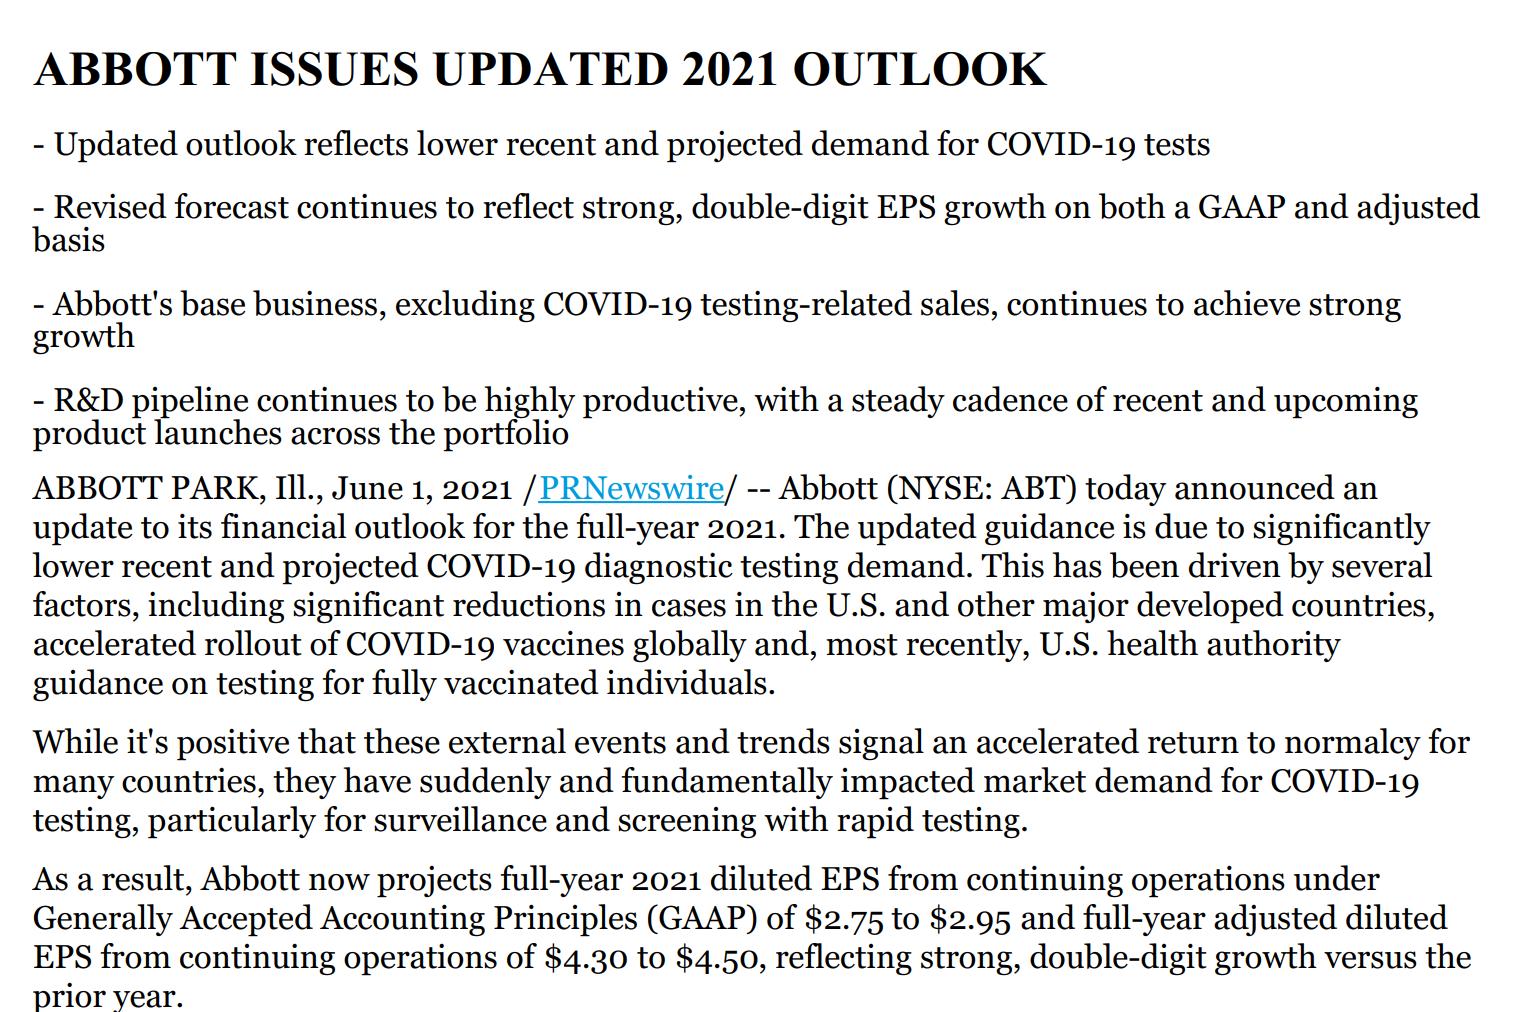 新冠检测需求下滑导致雅培下调财年利润指引 股价下挫逾8%